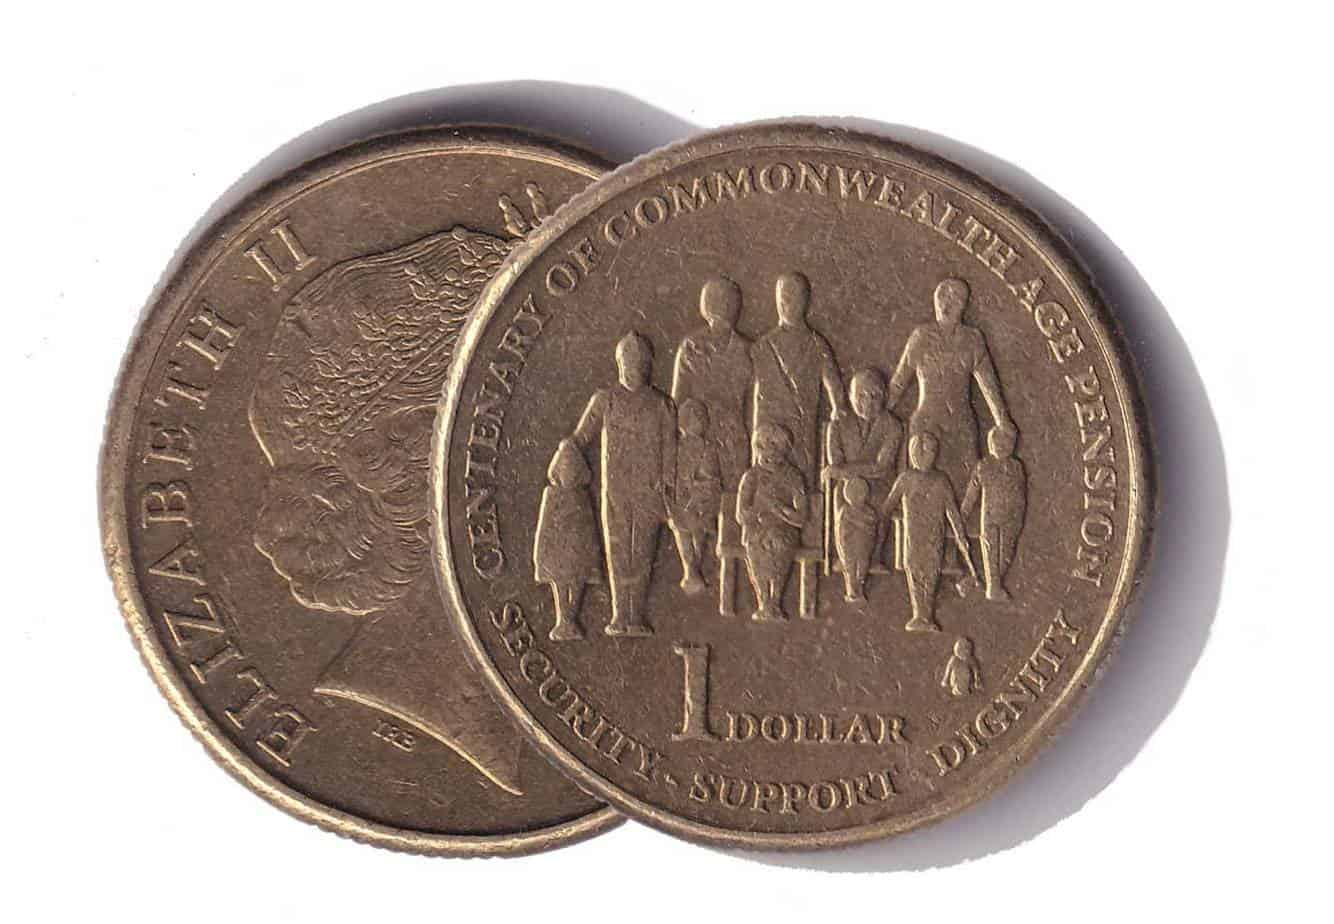 Australia 1 dollar APEC 2007 Queen Asian UNC